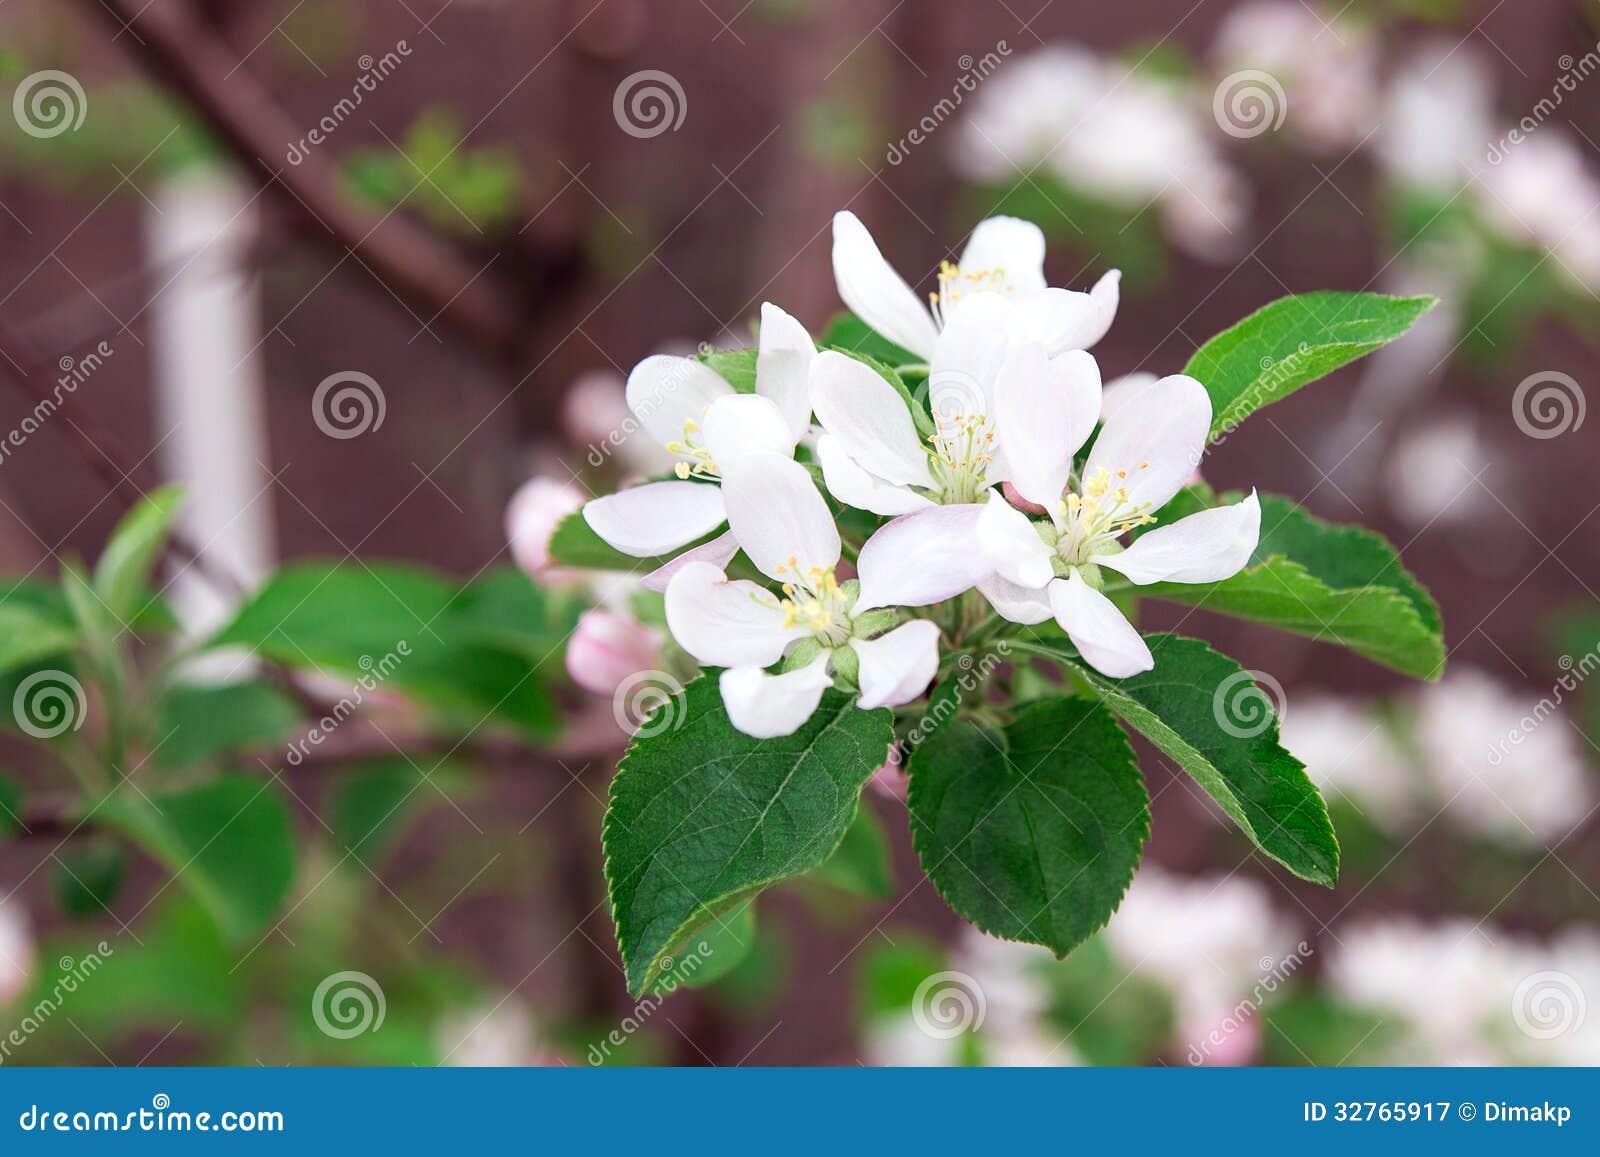 开花苹果树绿色叶子,白色瓣.图片